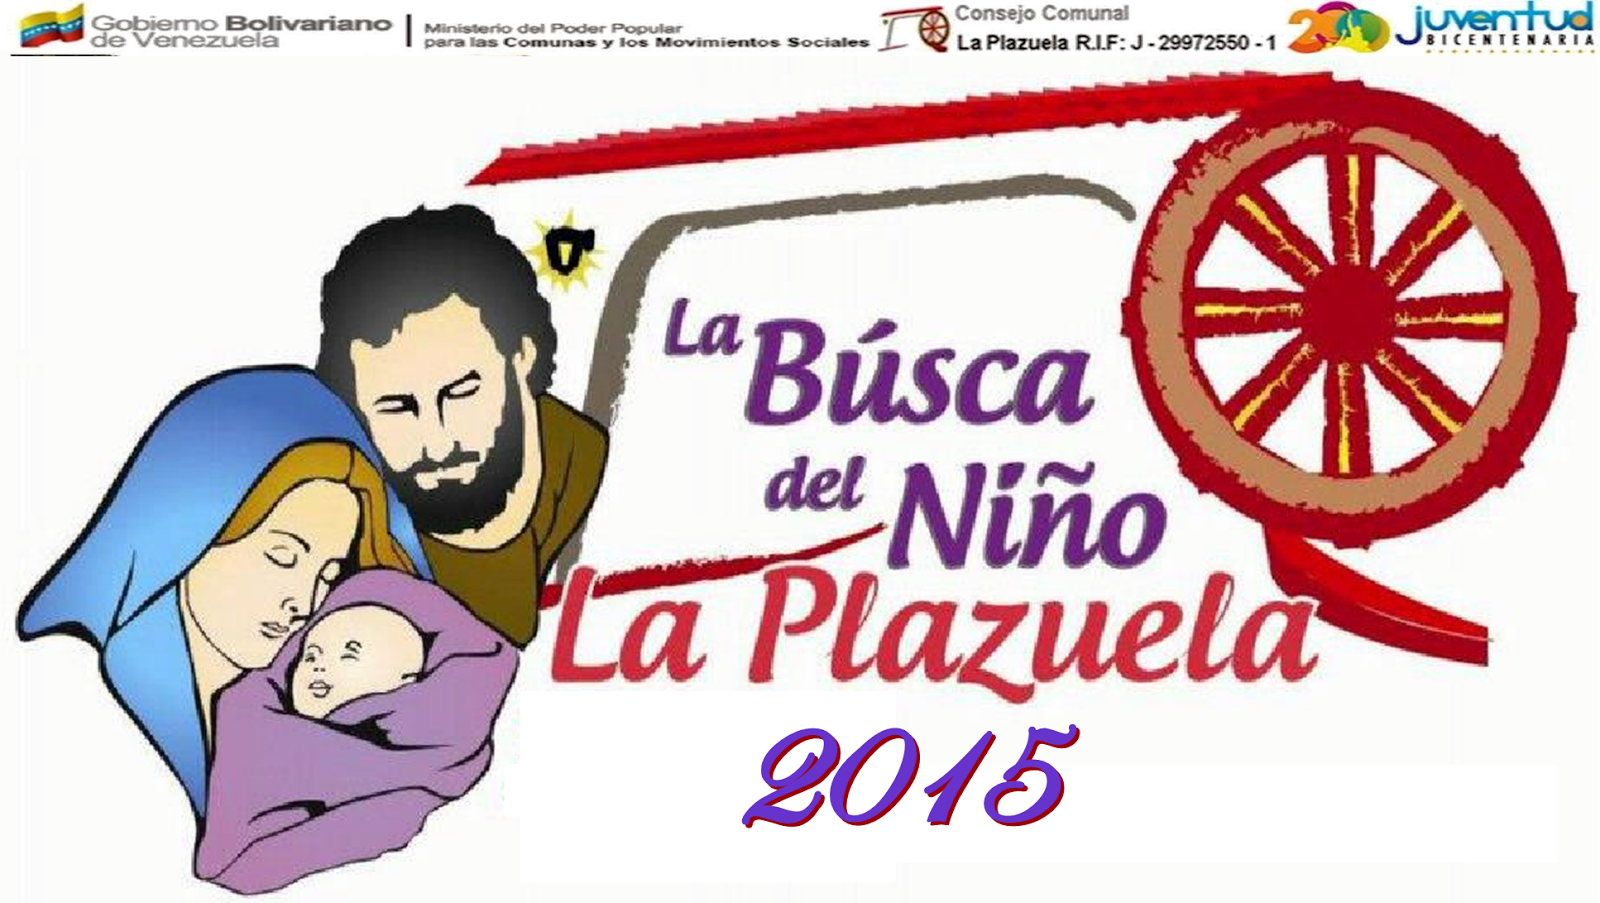 BUSCA DEL NIÑO 2015